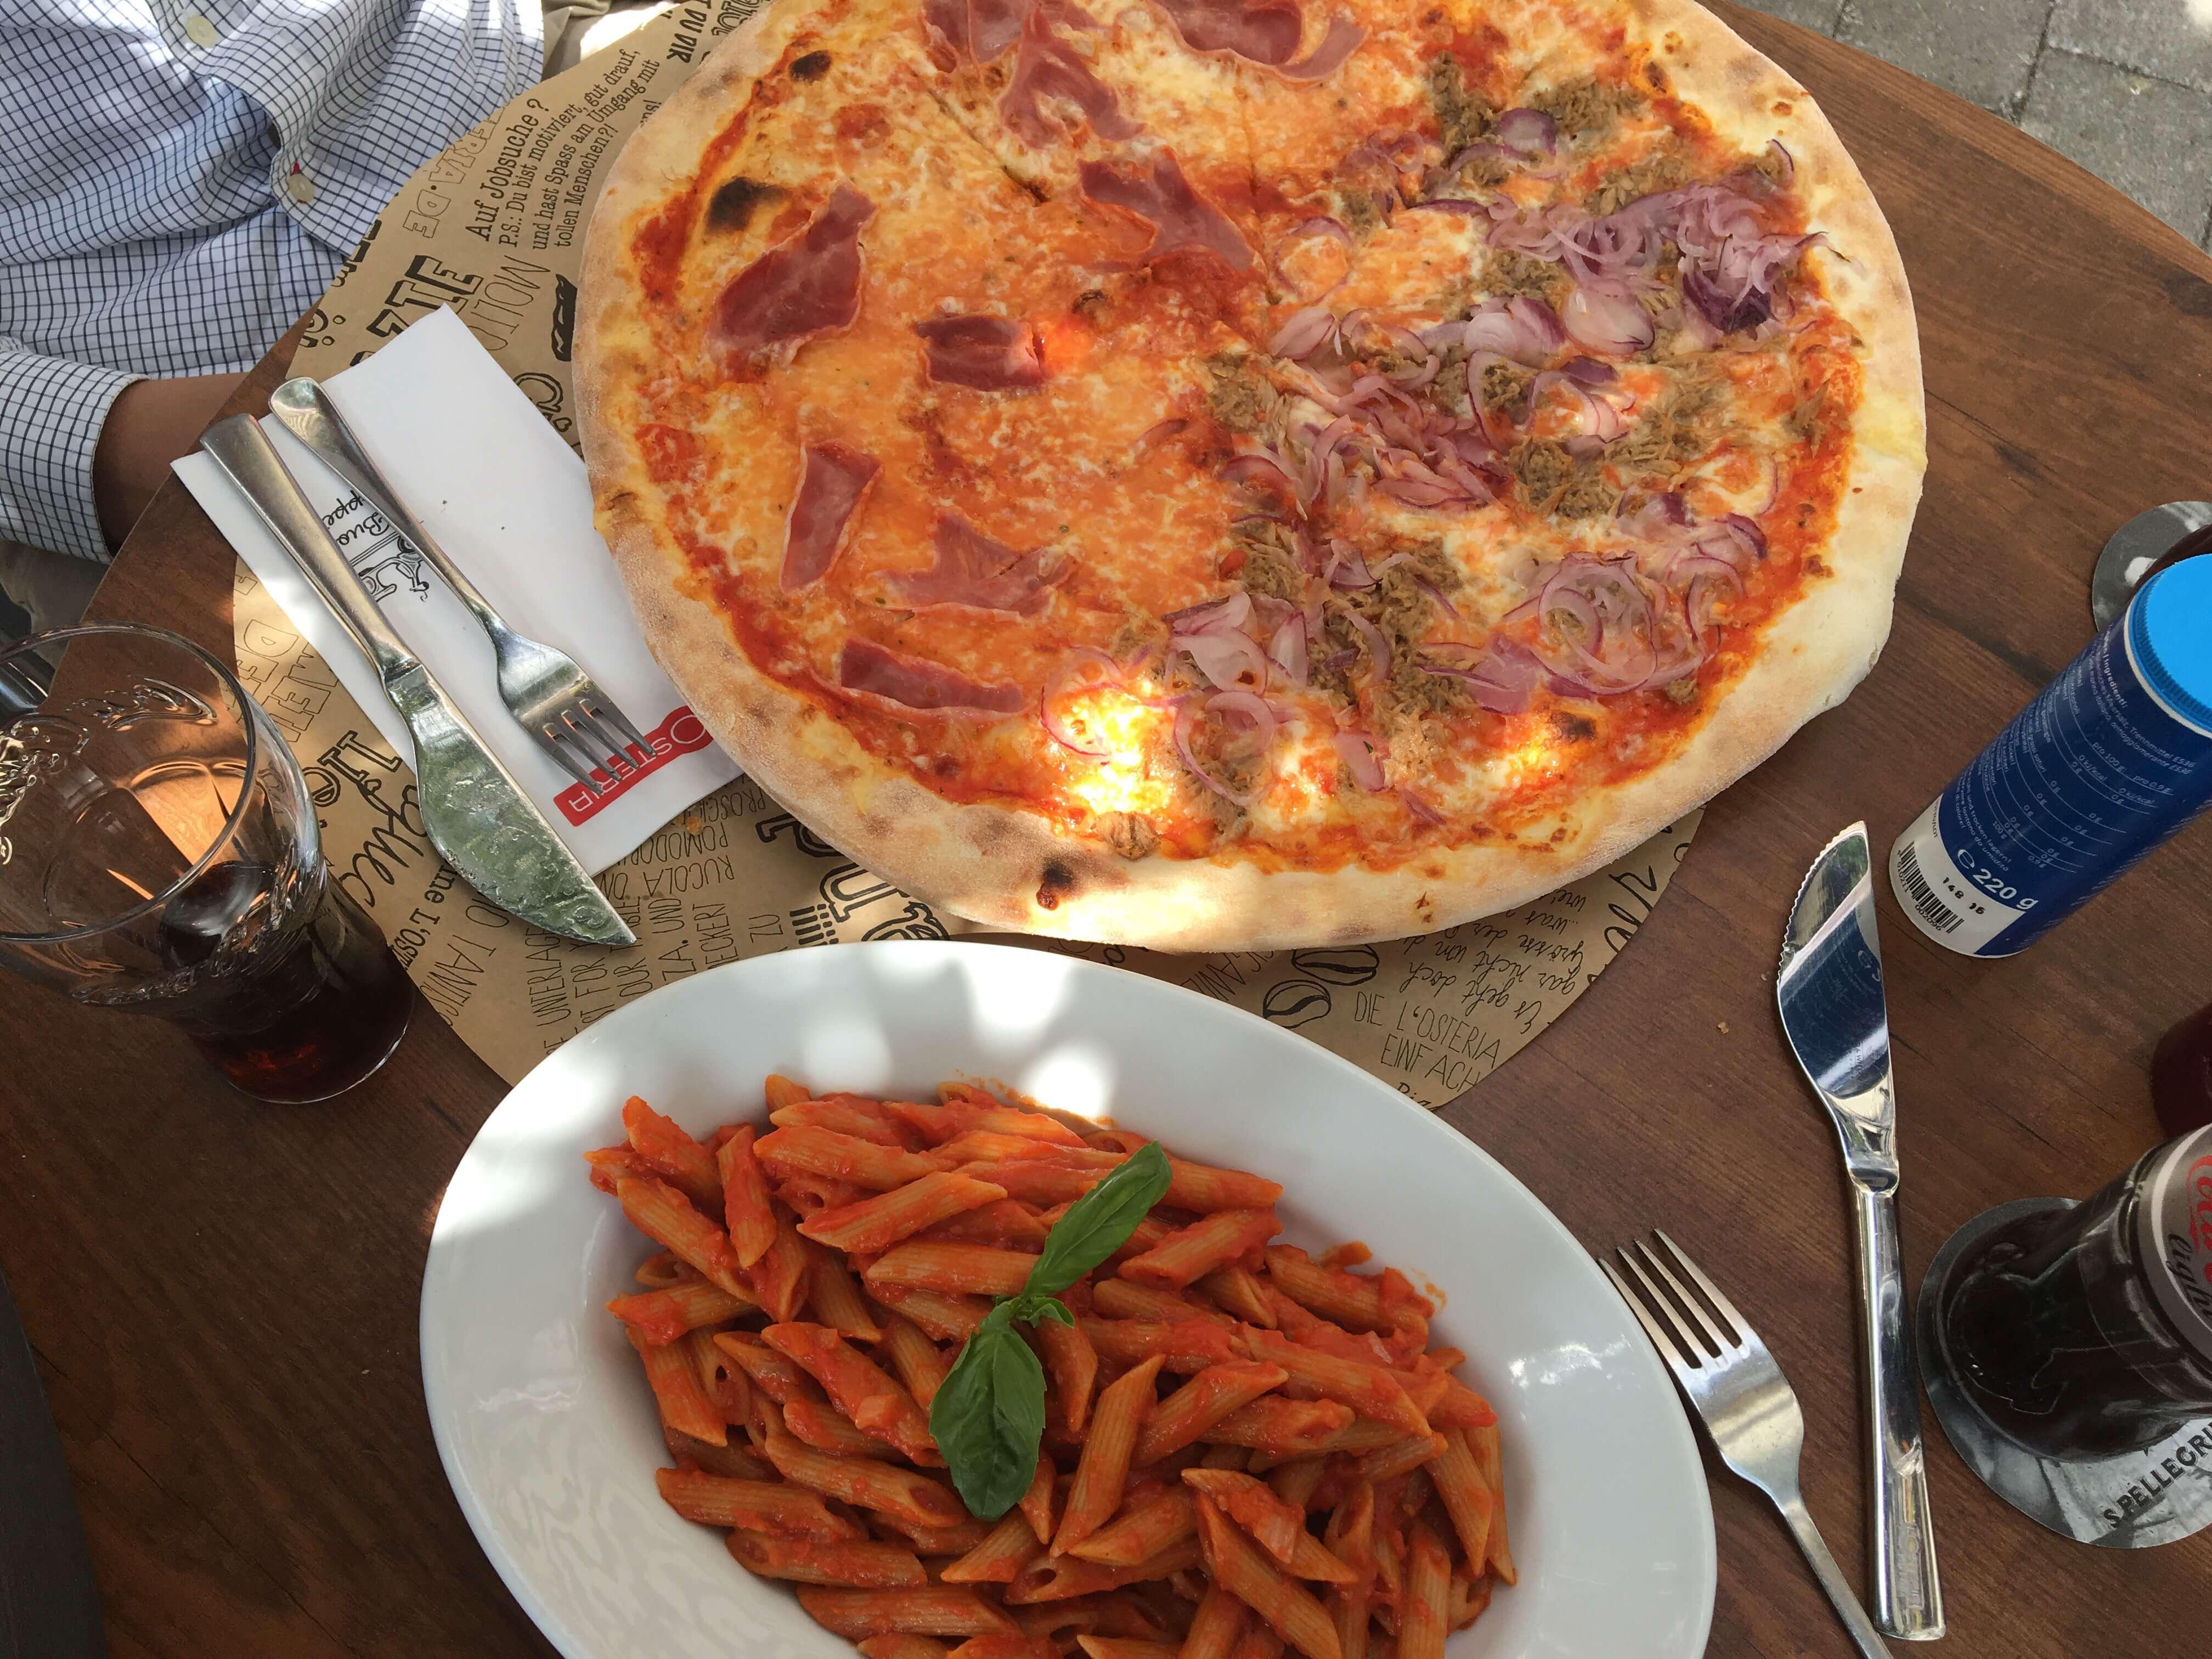 osteria-italiener-stuttgart-esslingen-pizza-restaurants-2